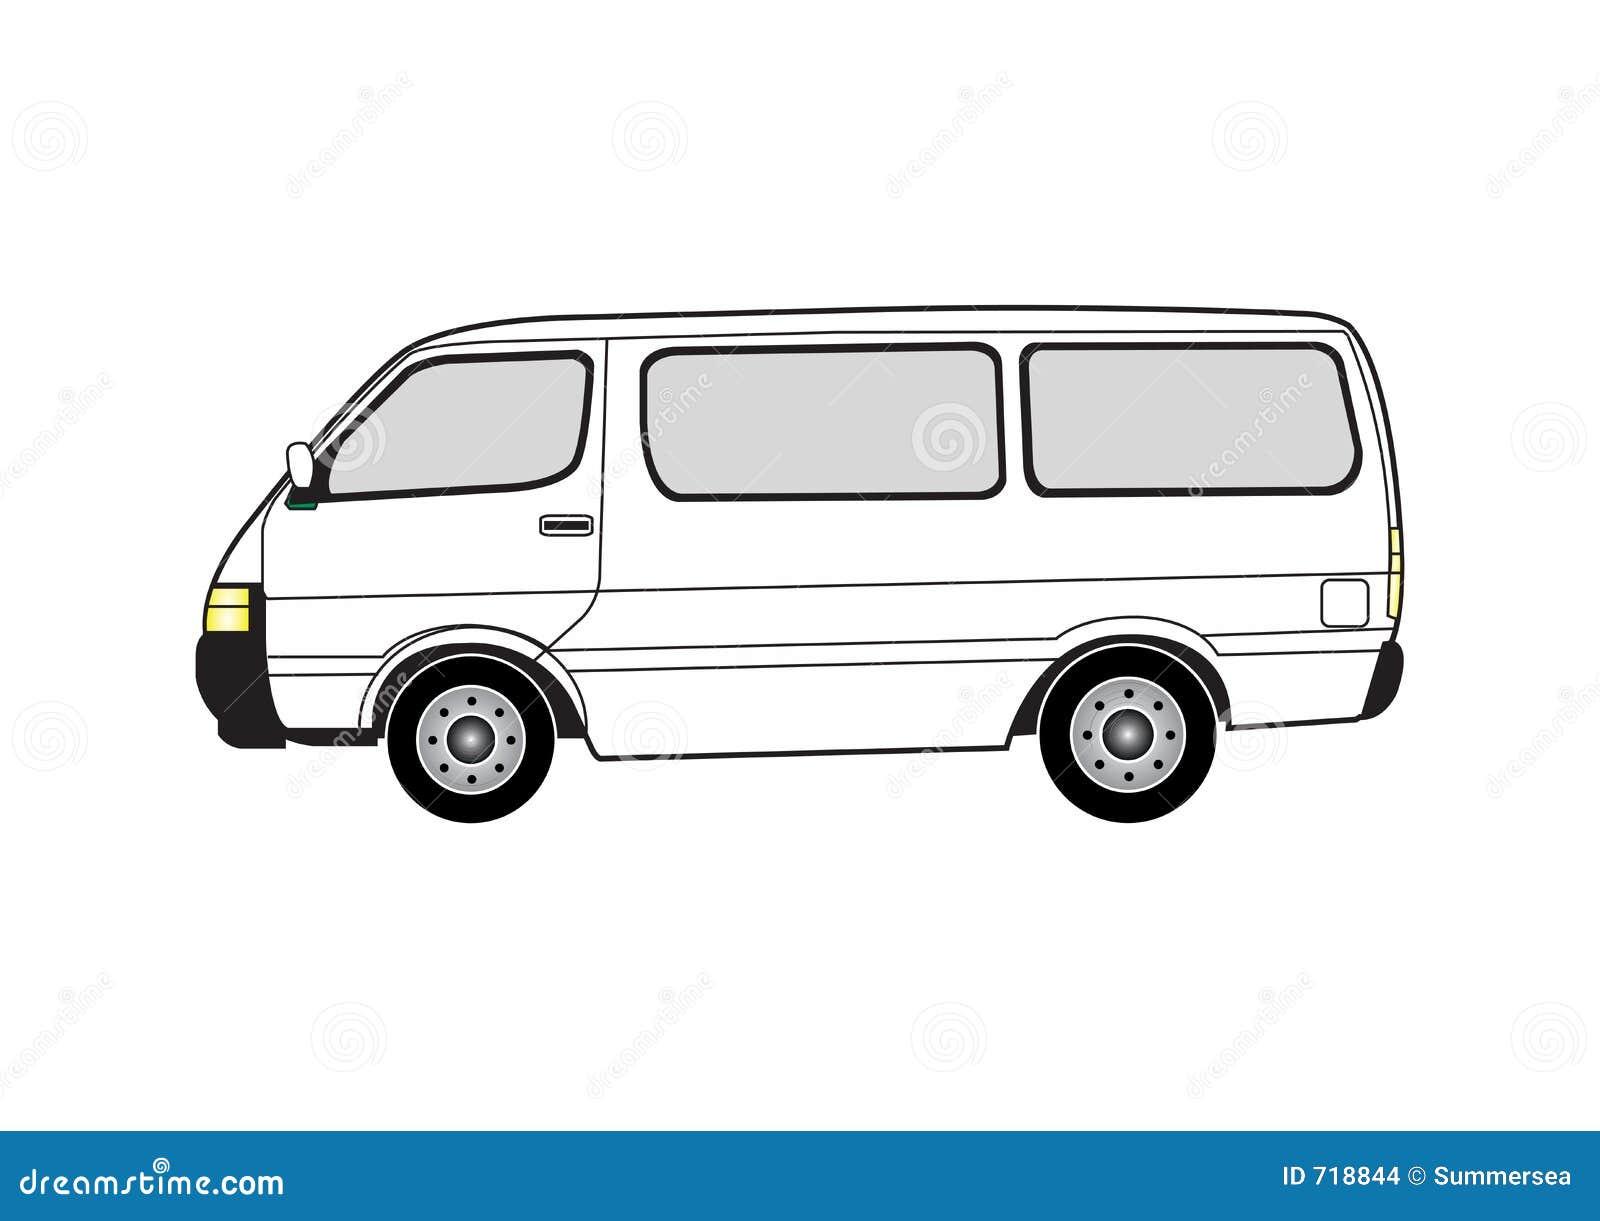 Van Clipart Line art - van